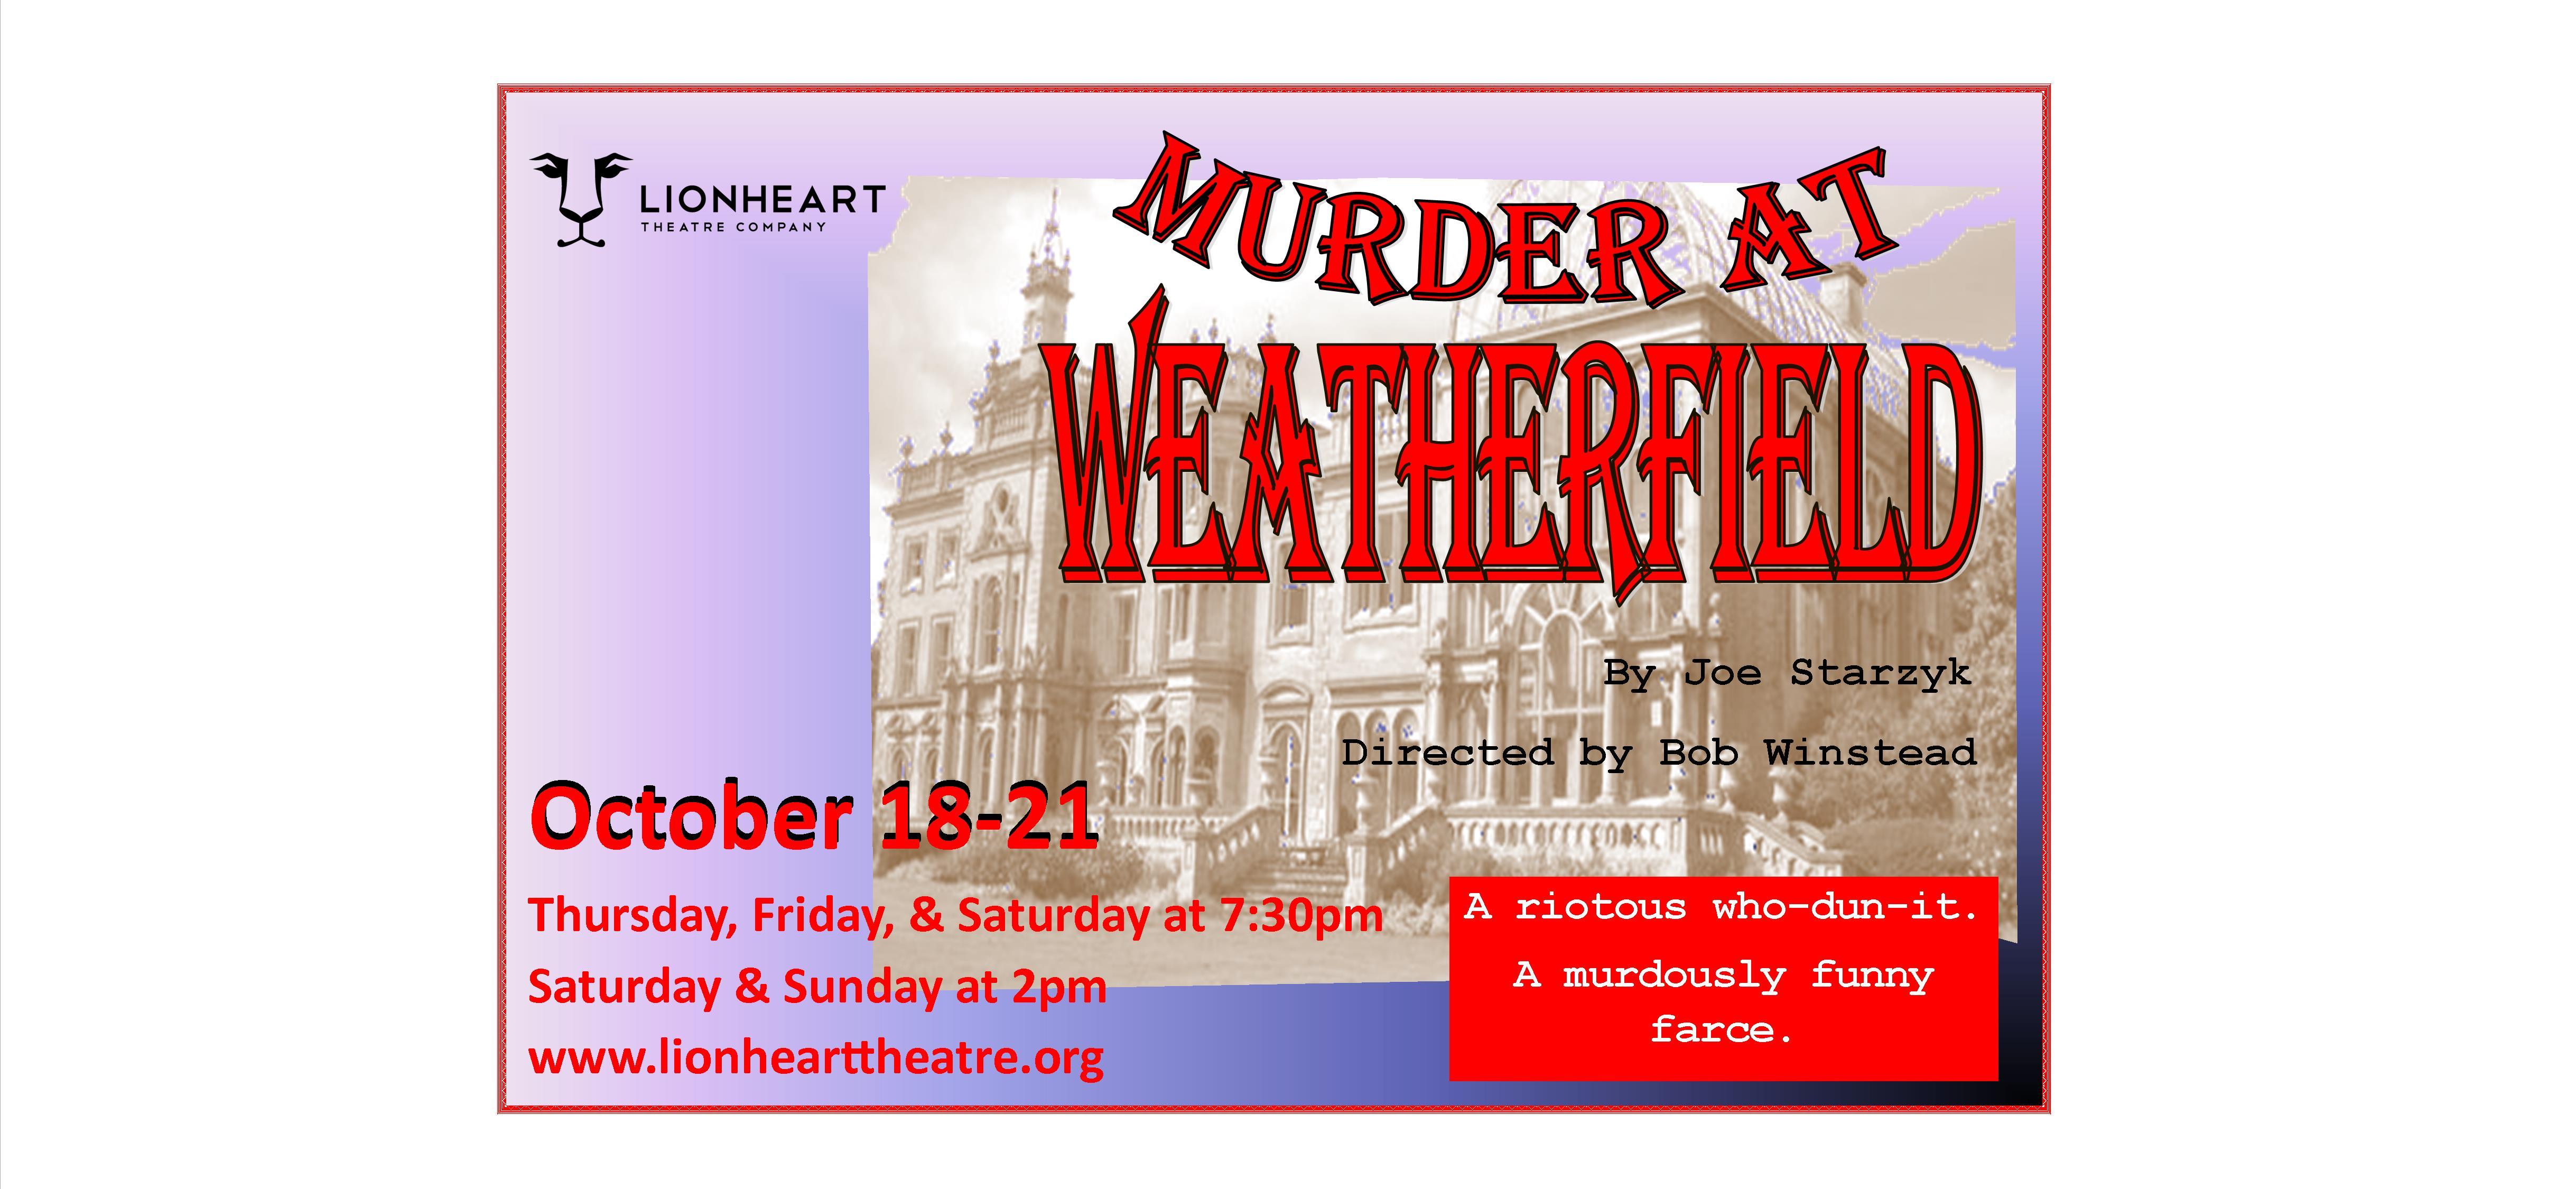 Lionheart Theatre's Murder at Weatherfield